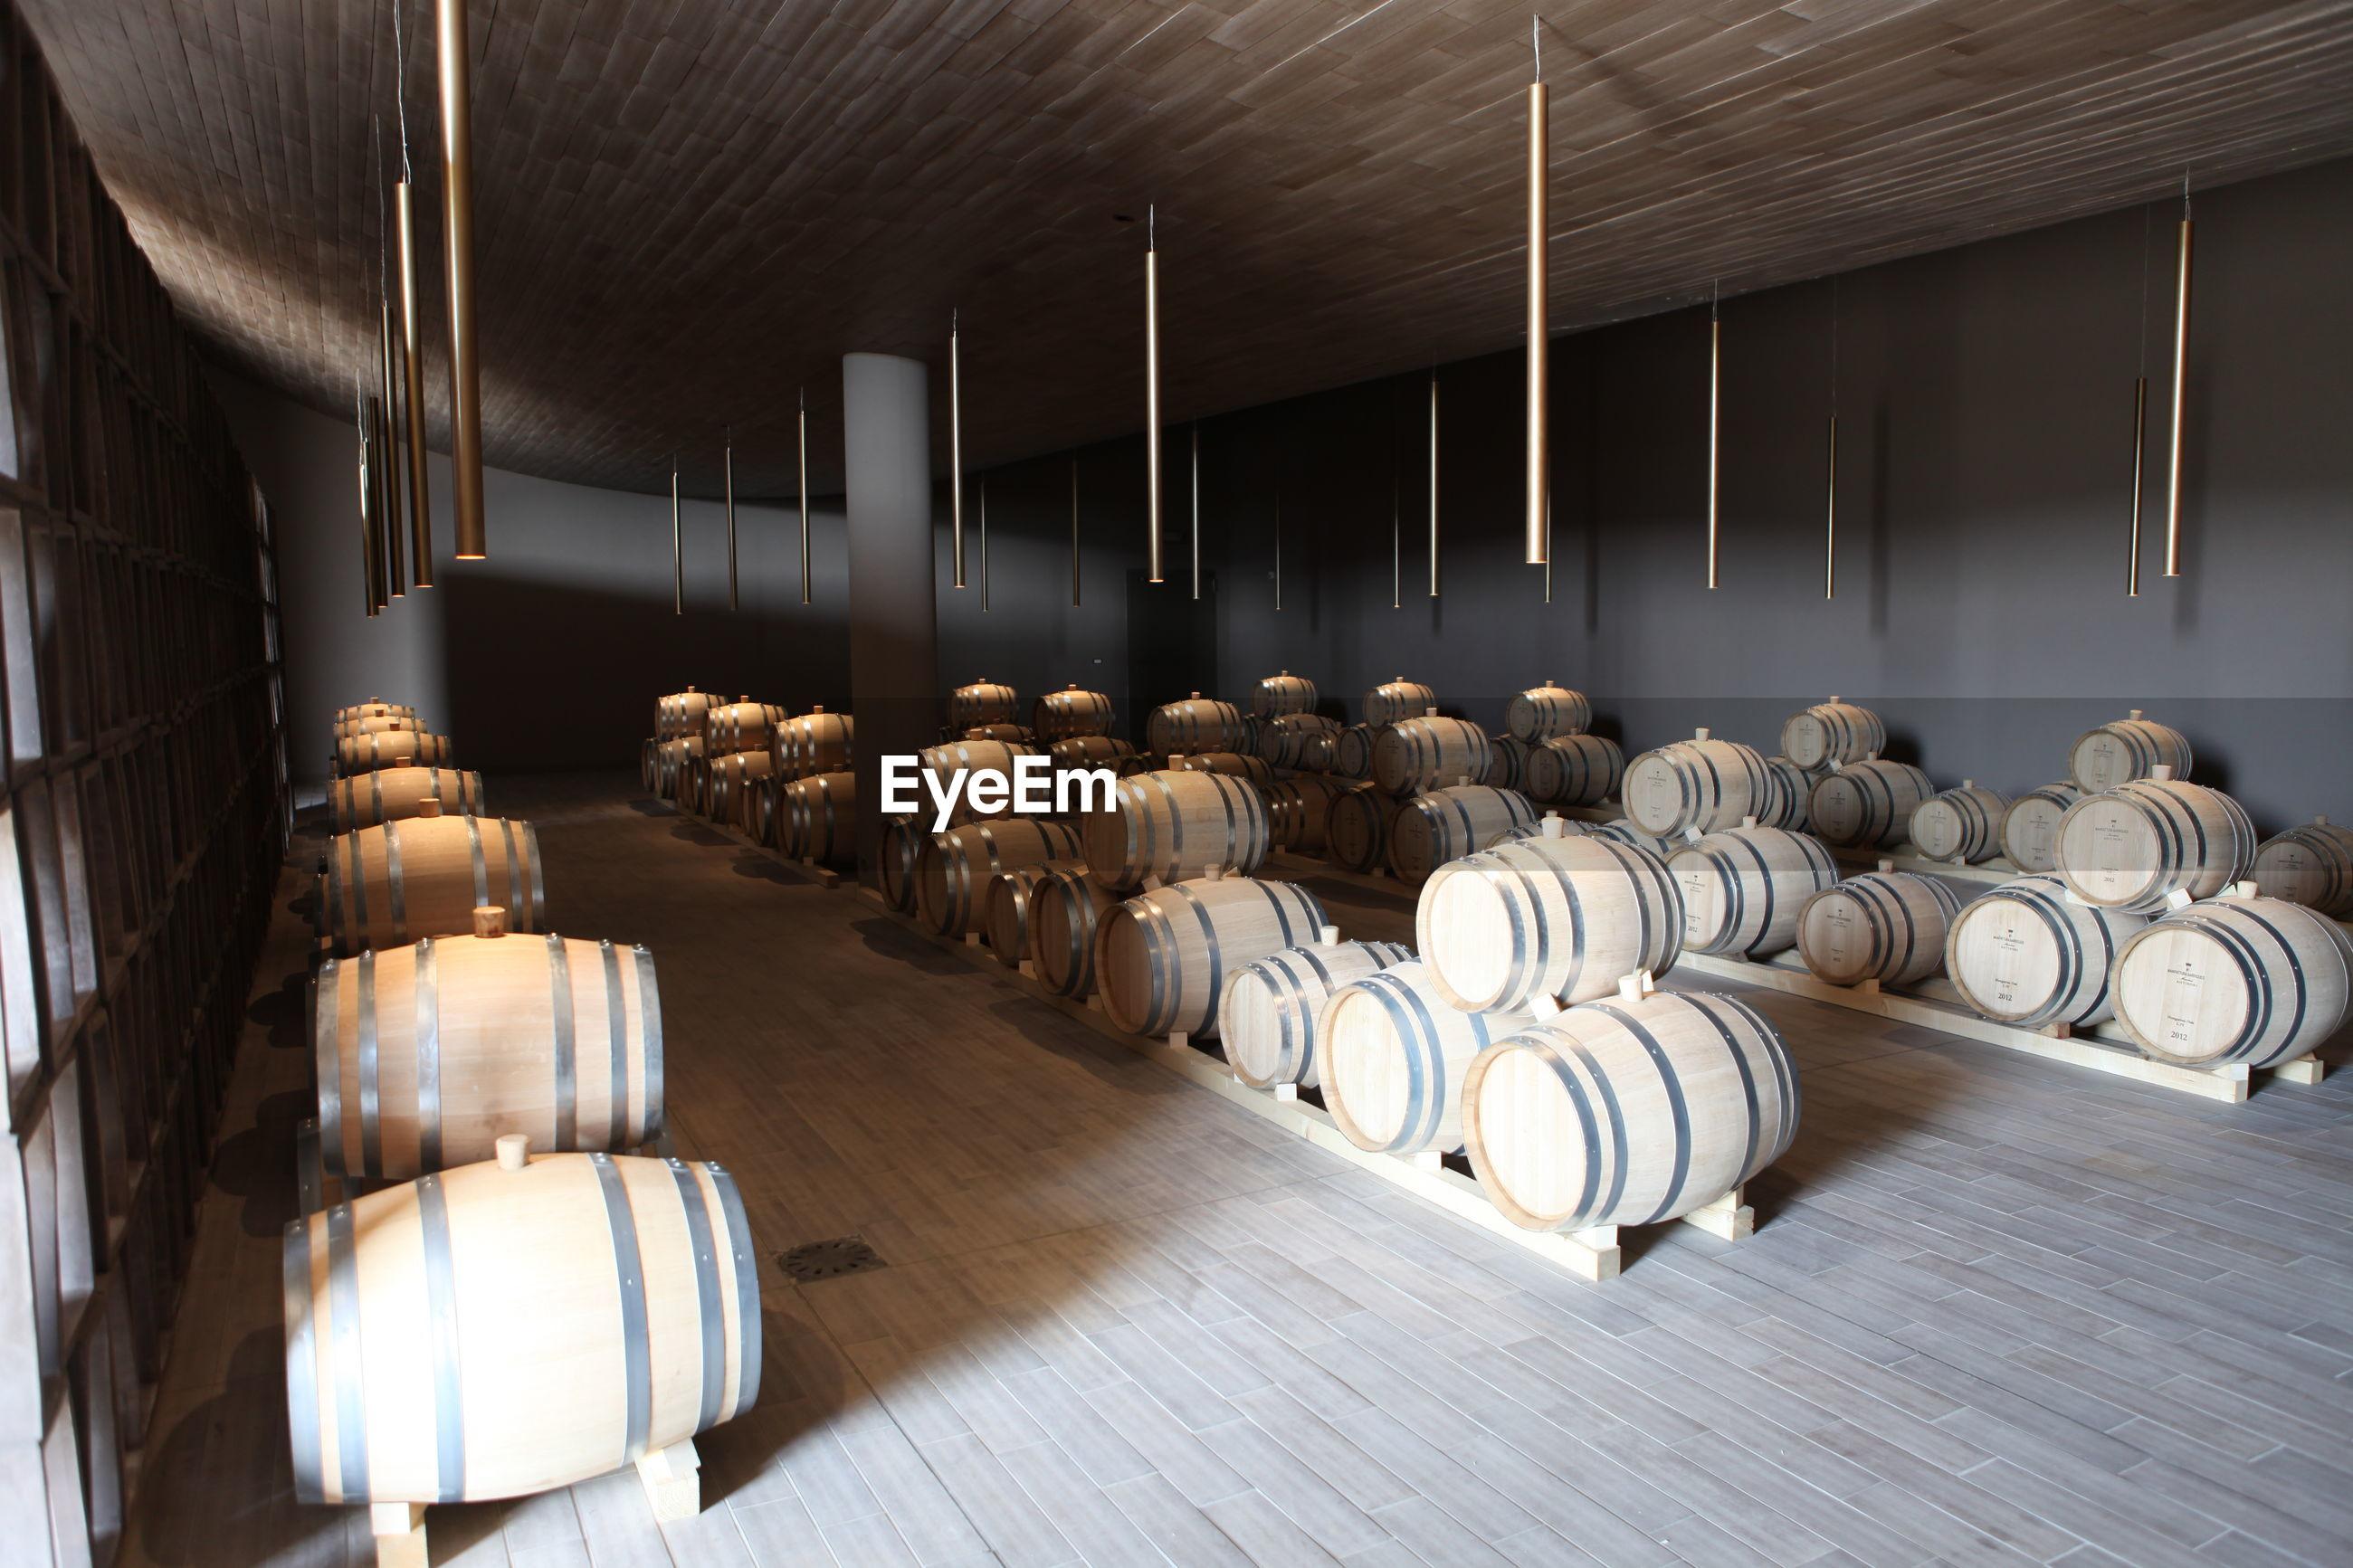 Barrels arranged in wine cellar